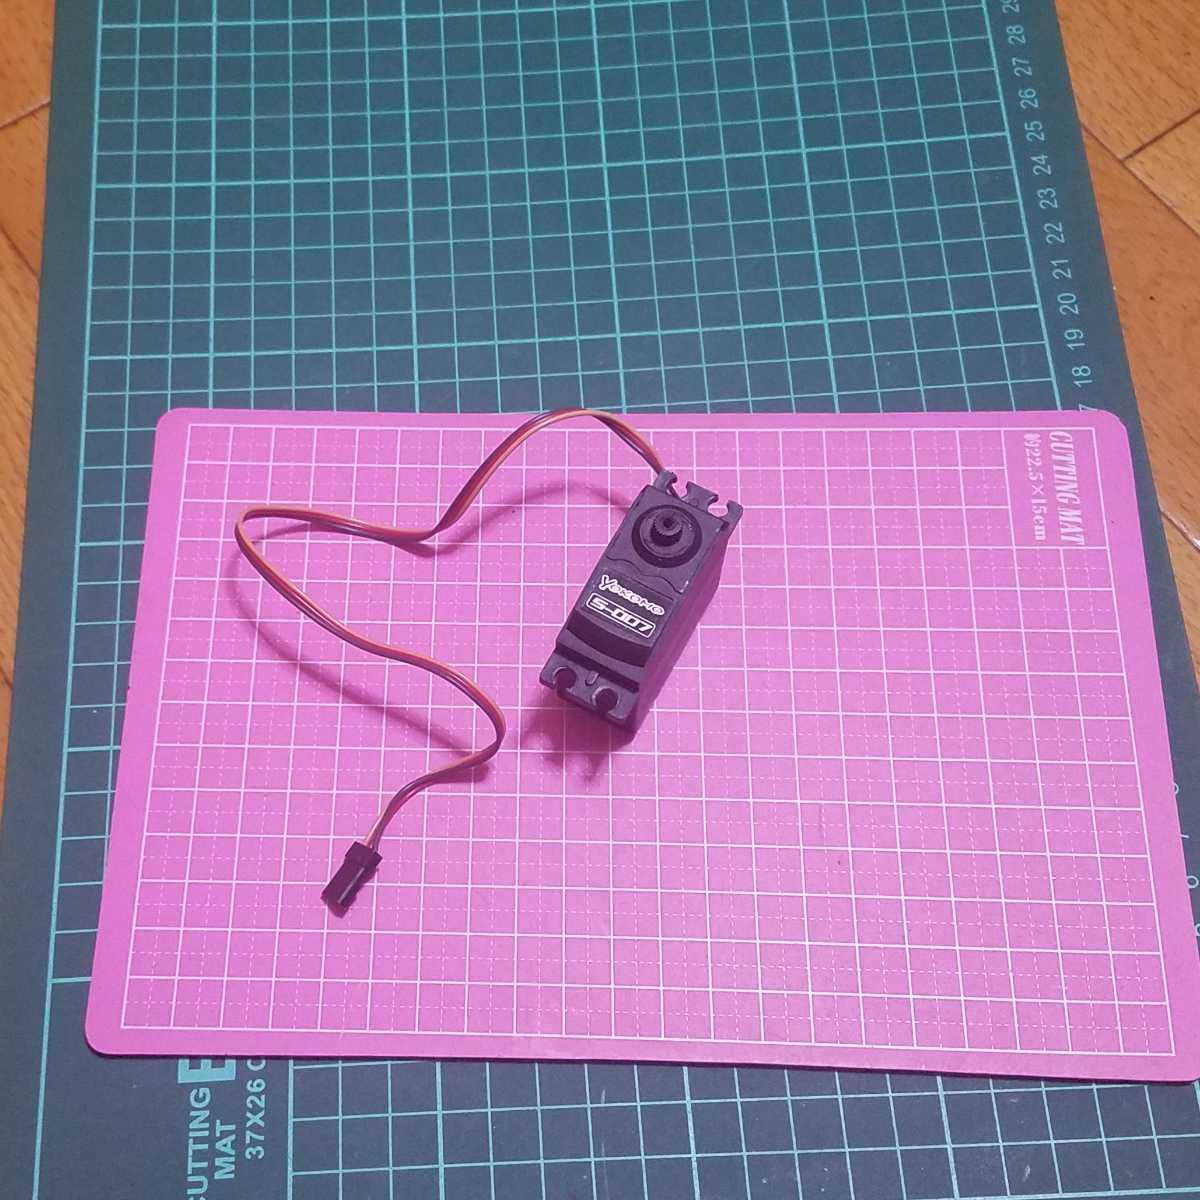 即決《送料無料》 ヨコモ サーボ s-007          ラジコン ドリフト ドリパケ tt01 tt02 サンワ タミヤ フタバ Futaba